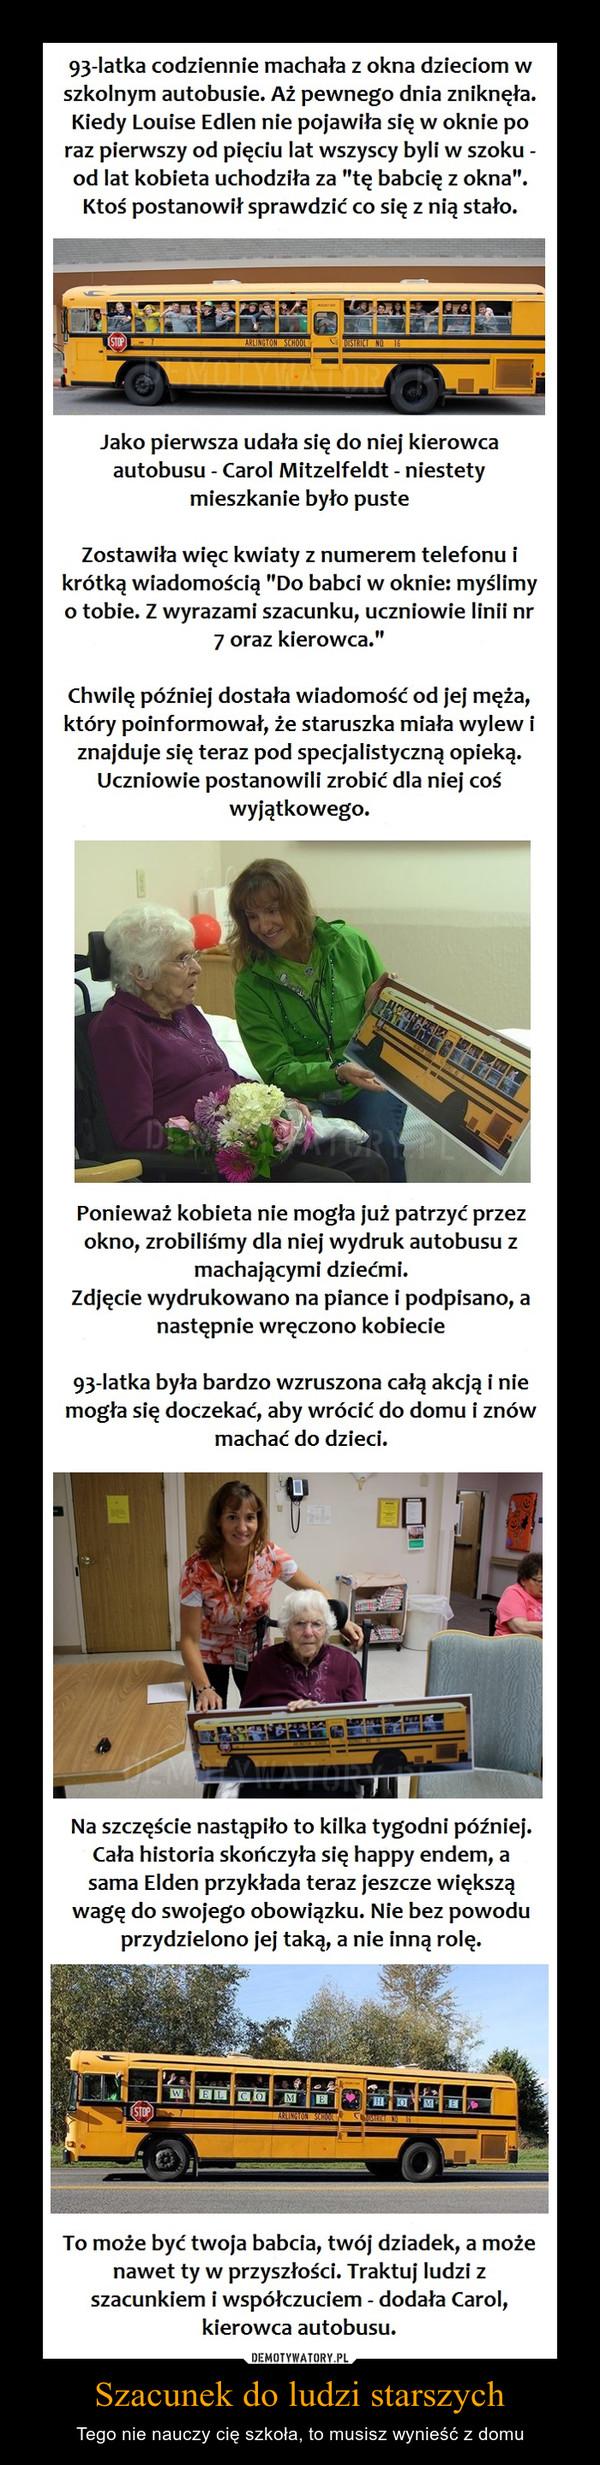 """Szacunek do ludzi starszych – Tego nie nauczy cię szkoła, to musisz wynieść z domu 93-latka codziennie machała z okna dzieciom w szkolnym autobusie. Aż pewnego dnia zniknęła. Kiedy Louise Edlen nie pojawiła się w oknie po raz pierwszy od pięciu lat wszyscy byli w szoku -od lat kobieta uchodziła za """"tę babcię z okna"""". Ktoś postanowił sprawdzić co się z nią stało. Jako pierwsza udała się do niej kierowca autobusu - Carol Mitzelfeldt - niestety mieszkanie było puste Zostawiła więc kwiaty z numerem telefonu i krótką wiadomością """"Do babci w oknie: myślimy o tobie. Z wyrazami szacunku, uczniowie linii nr 7 oraz kierowca."""" Chwilę później dostała wiadomość od jej męża, który poinformował, że staruszka miała wylew i znajduje się teraz pod specjalistyczną opieką. Uczniowie postanowili zrobić dla niej coś wyjątkowego. Ponieważ kobieta nie mogła już patrzyć przez okno, zrobiliśmy dla niej wydruk autobusu z machającymi dziećmi. Zdjęcie wydrukowano na piance i podpisano, a następnie wręczono kobiecie 93-latka była bardzo wzruszona całą akcją i nie mogła się doczekać, aby wrócić do domu i znów machać do dzieci. Na szczęście nastąpiło to kilka tygodni później. Cała historia skończyła się happy endem, a sama Elden przykłada teraz jeszcze większą wagę do swojego obowiązku. Nie bez powodu przydzielono jej taką, a nie inną rolę. To może być twoja babcia, twój dziadek, a może nawet ty w przyszłości. Traktuj ludzi z szacunkiem i współczuciem - dodała Carol, kierowca autobusu."""